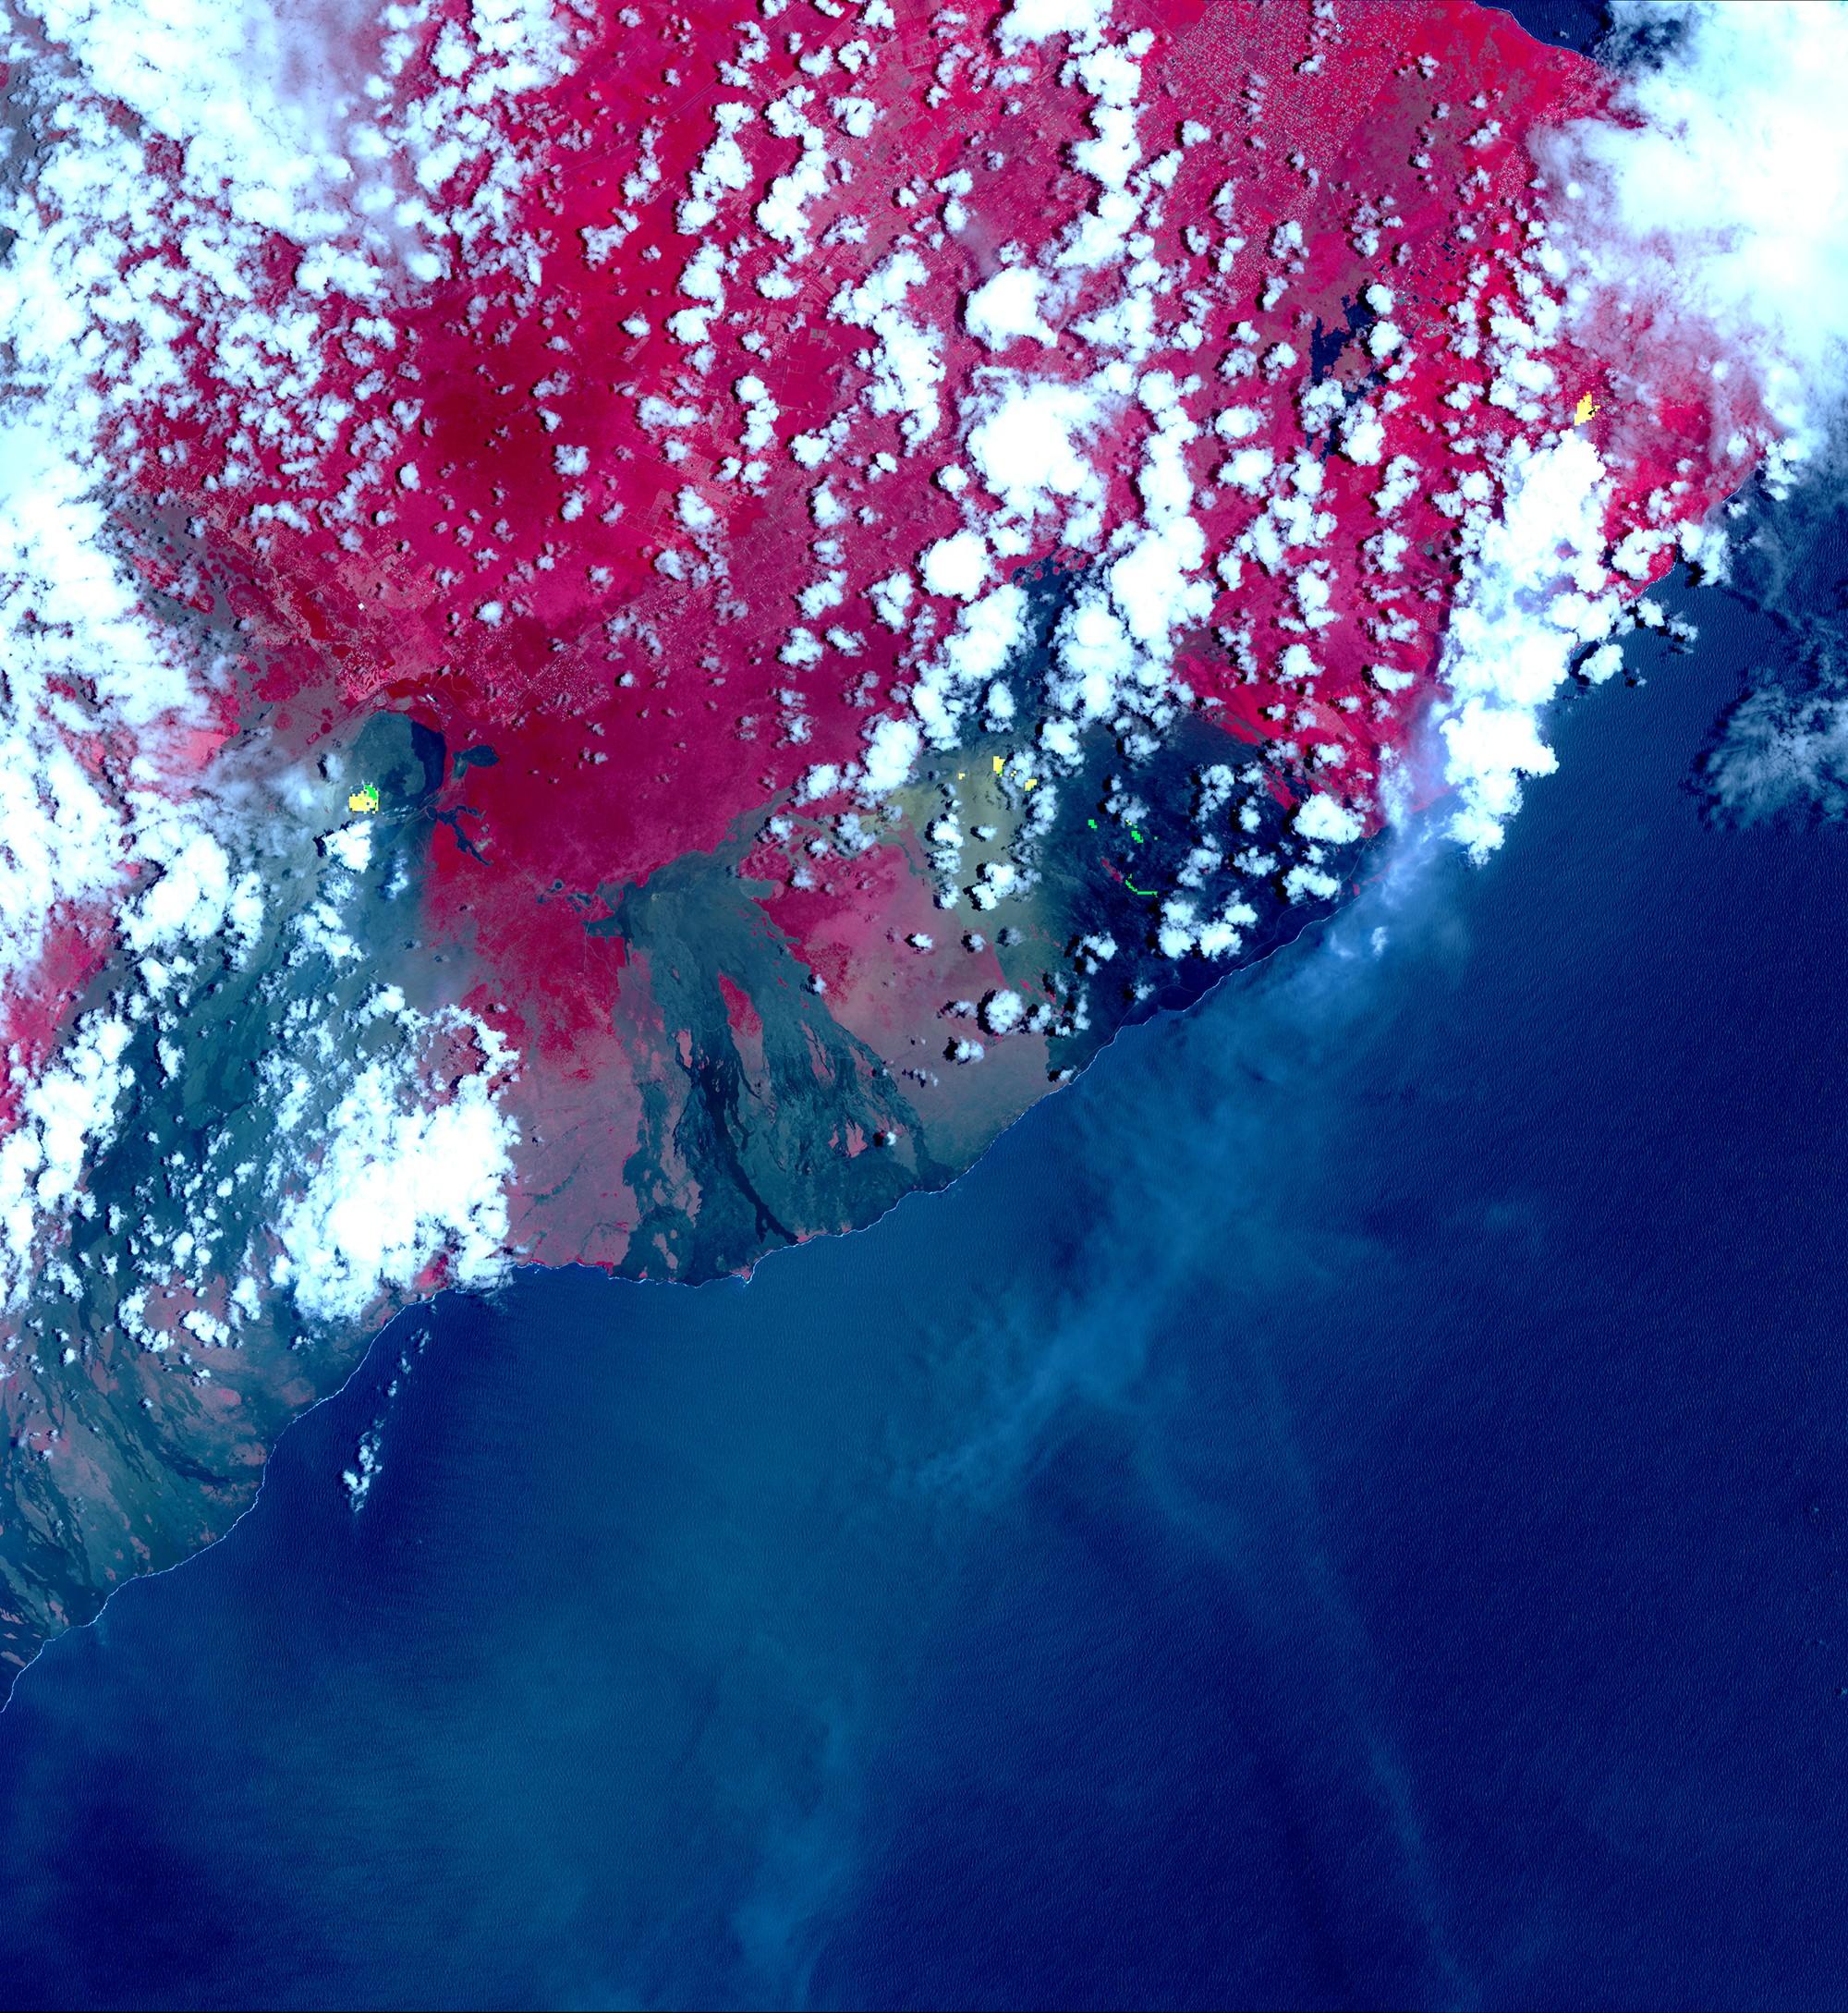 Pontos em amarelo representam o surgimento de novos centros de atividade eruptiva. Área em vermelho representa a vegetação local. (Foto: NASA/METI/AIST/Japan Space Systems, and U.S./Japan ASTER Science Team)